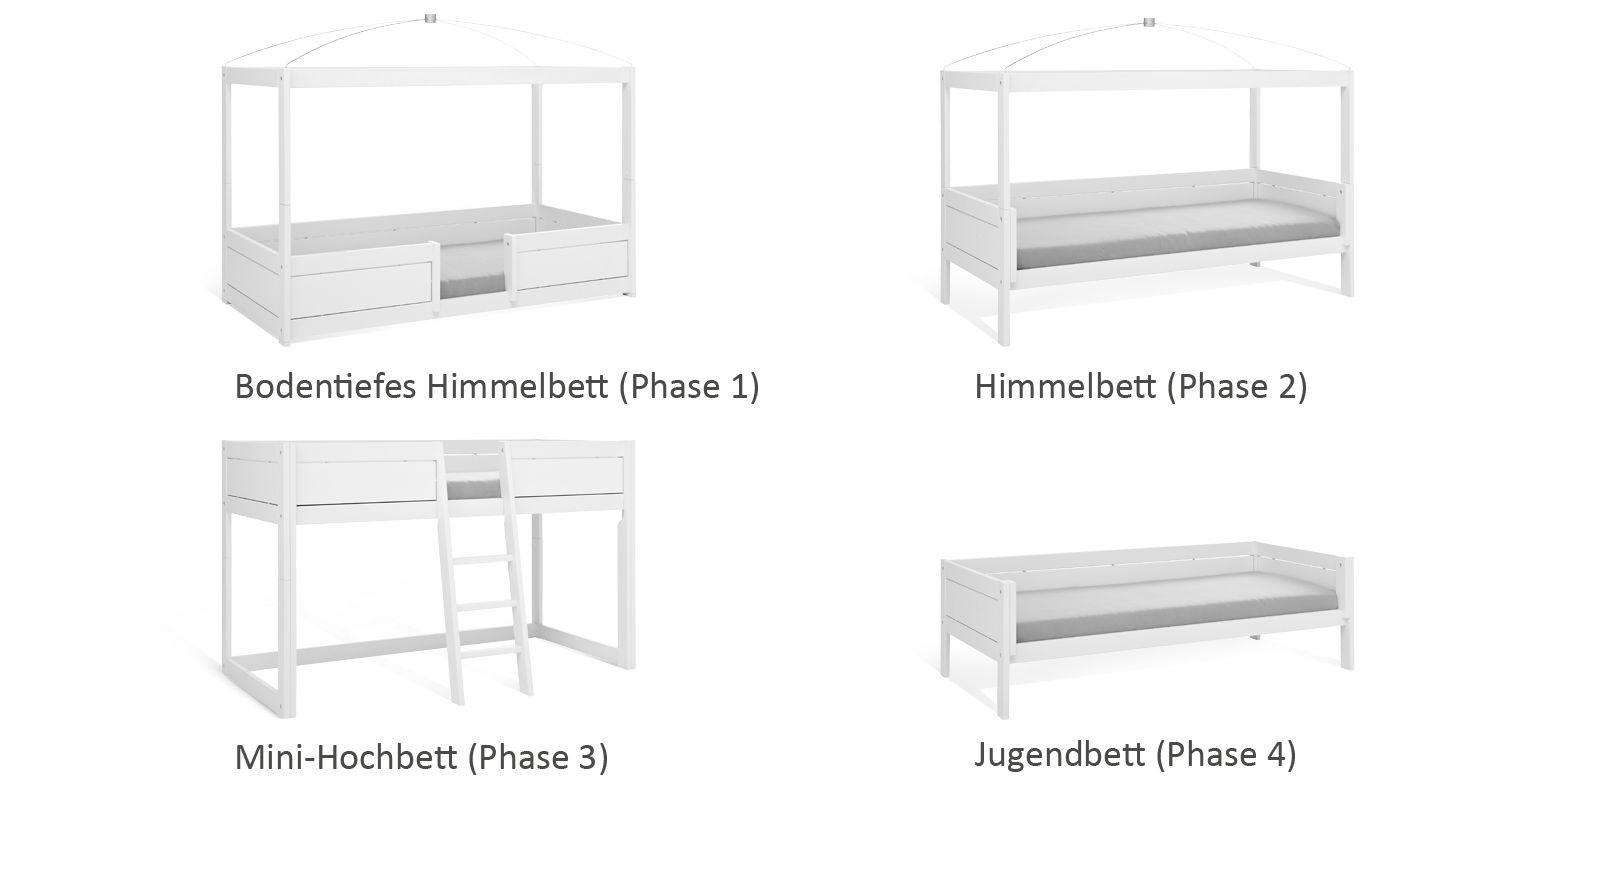 Kinderbett 4-in-1 bietet viele Variationsmöglichkeiten